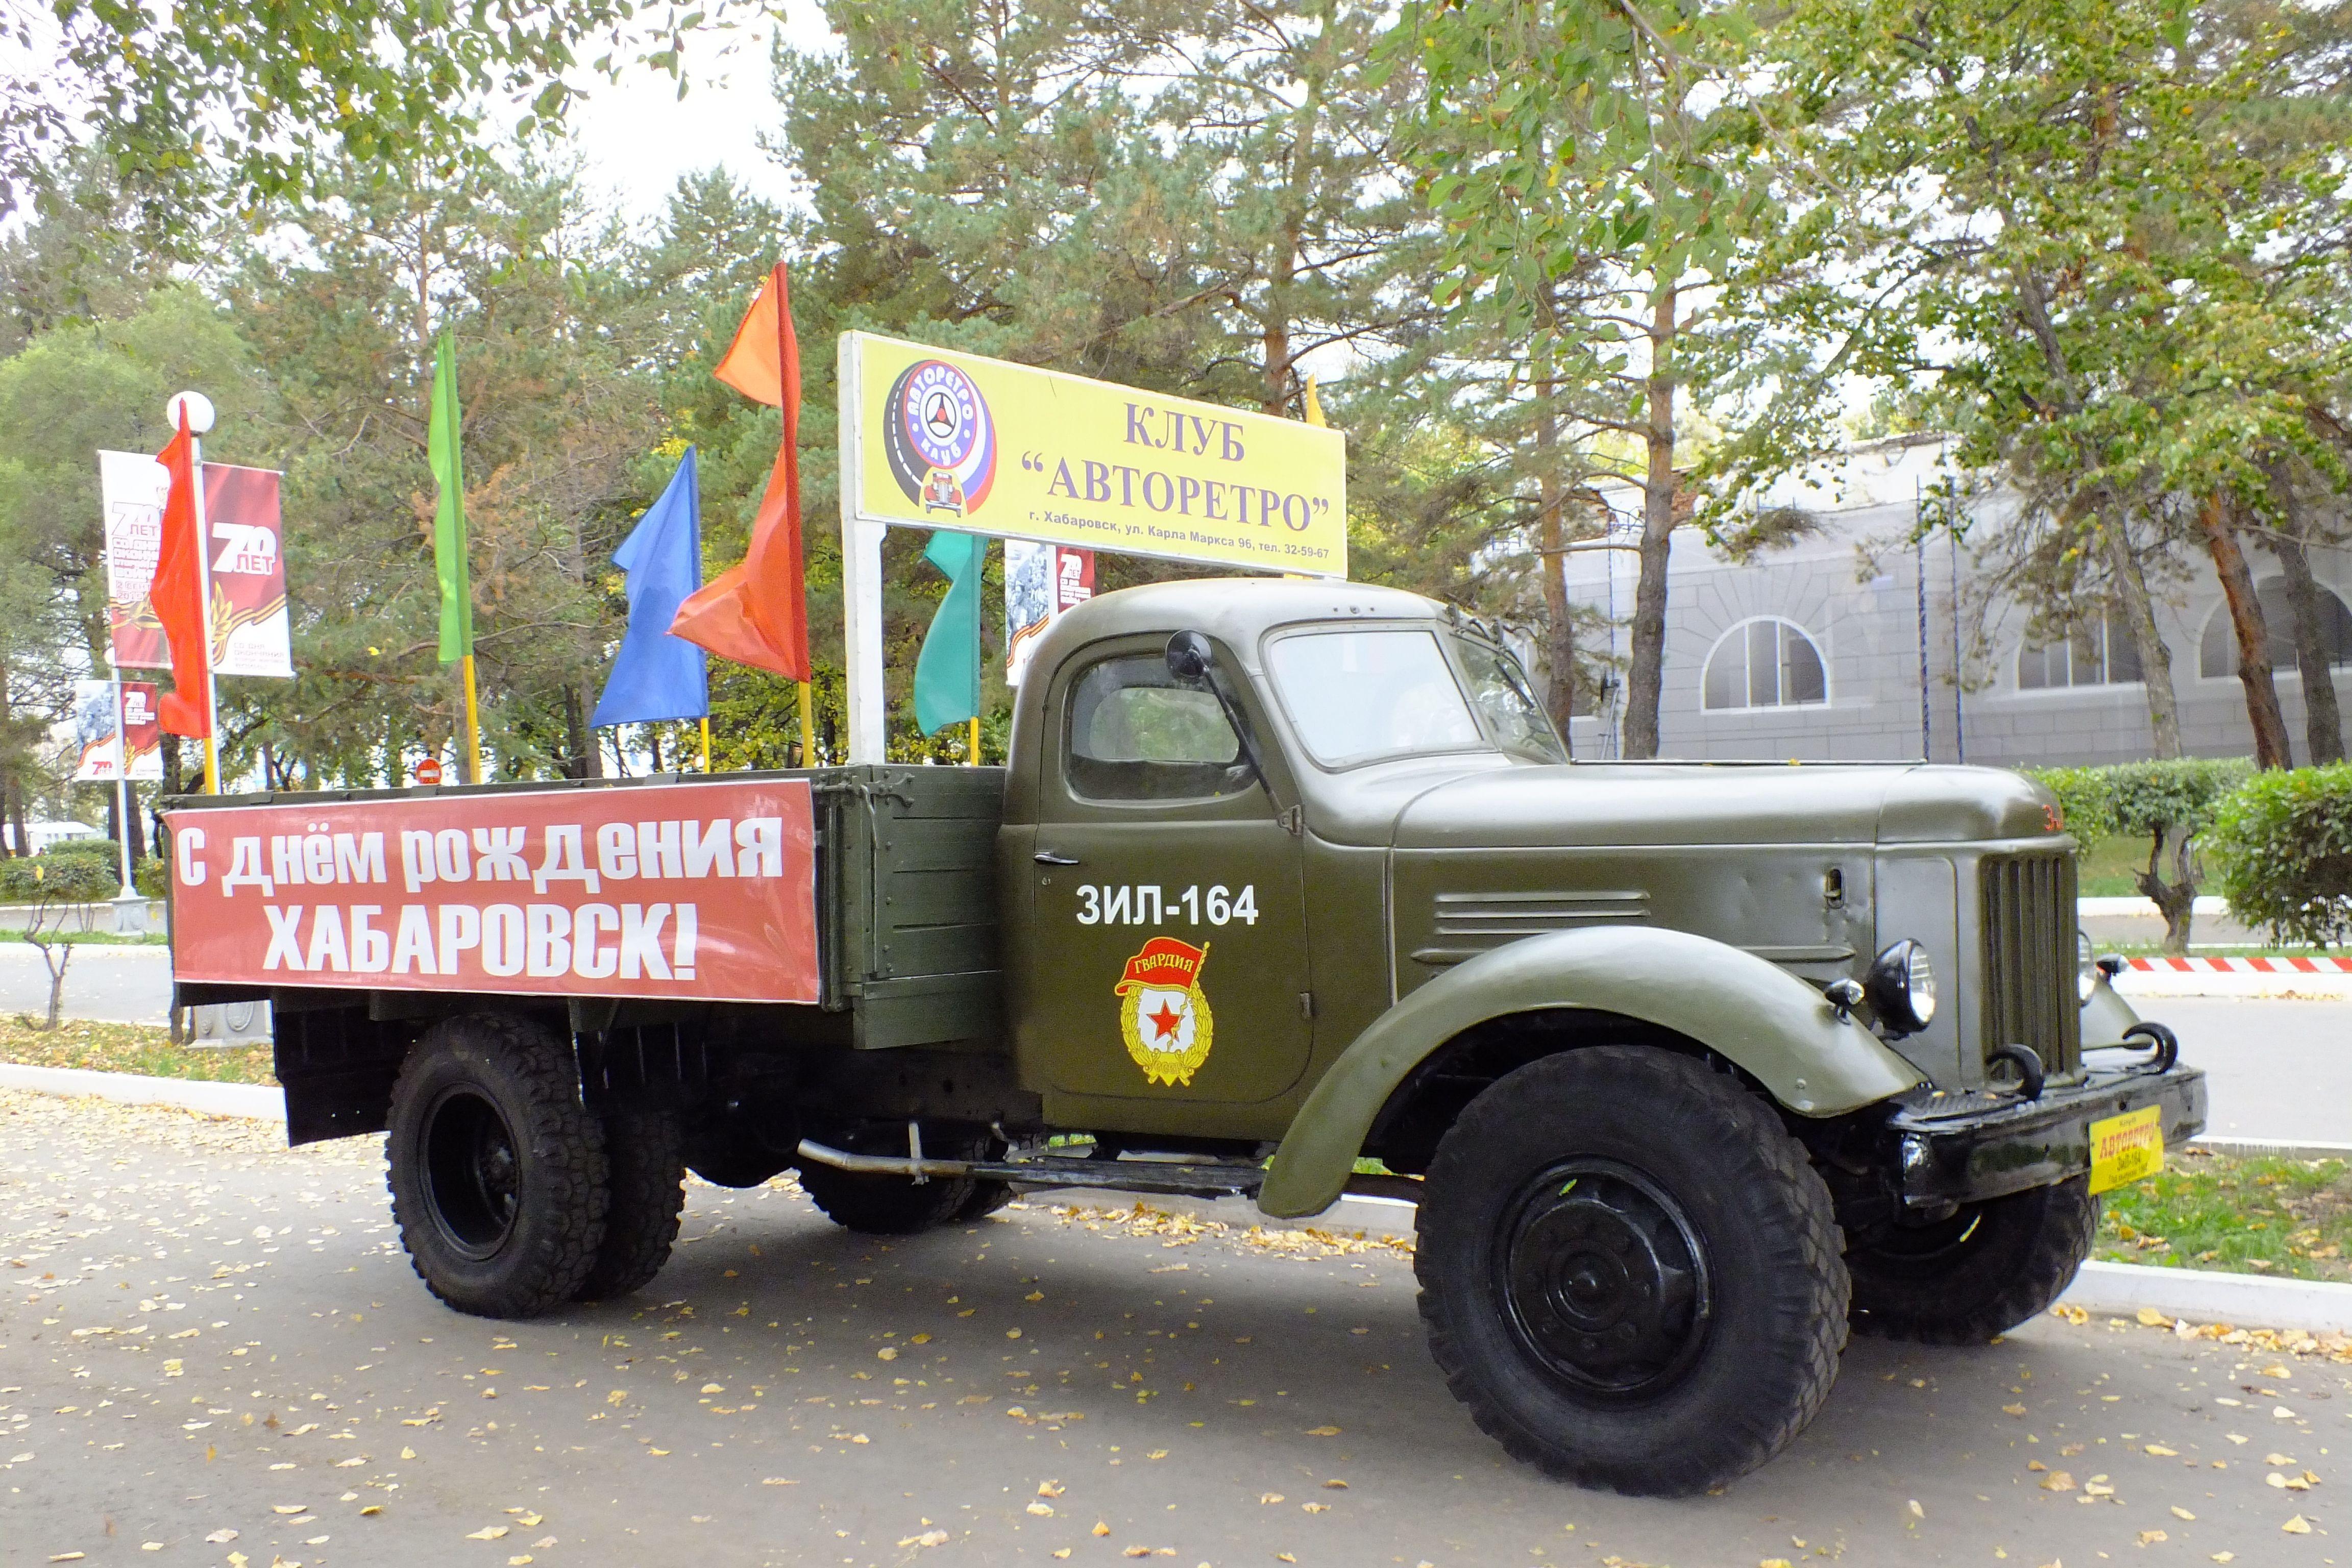 Отреставрированный ЗИЛ-164